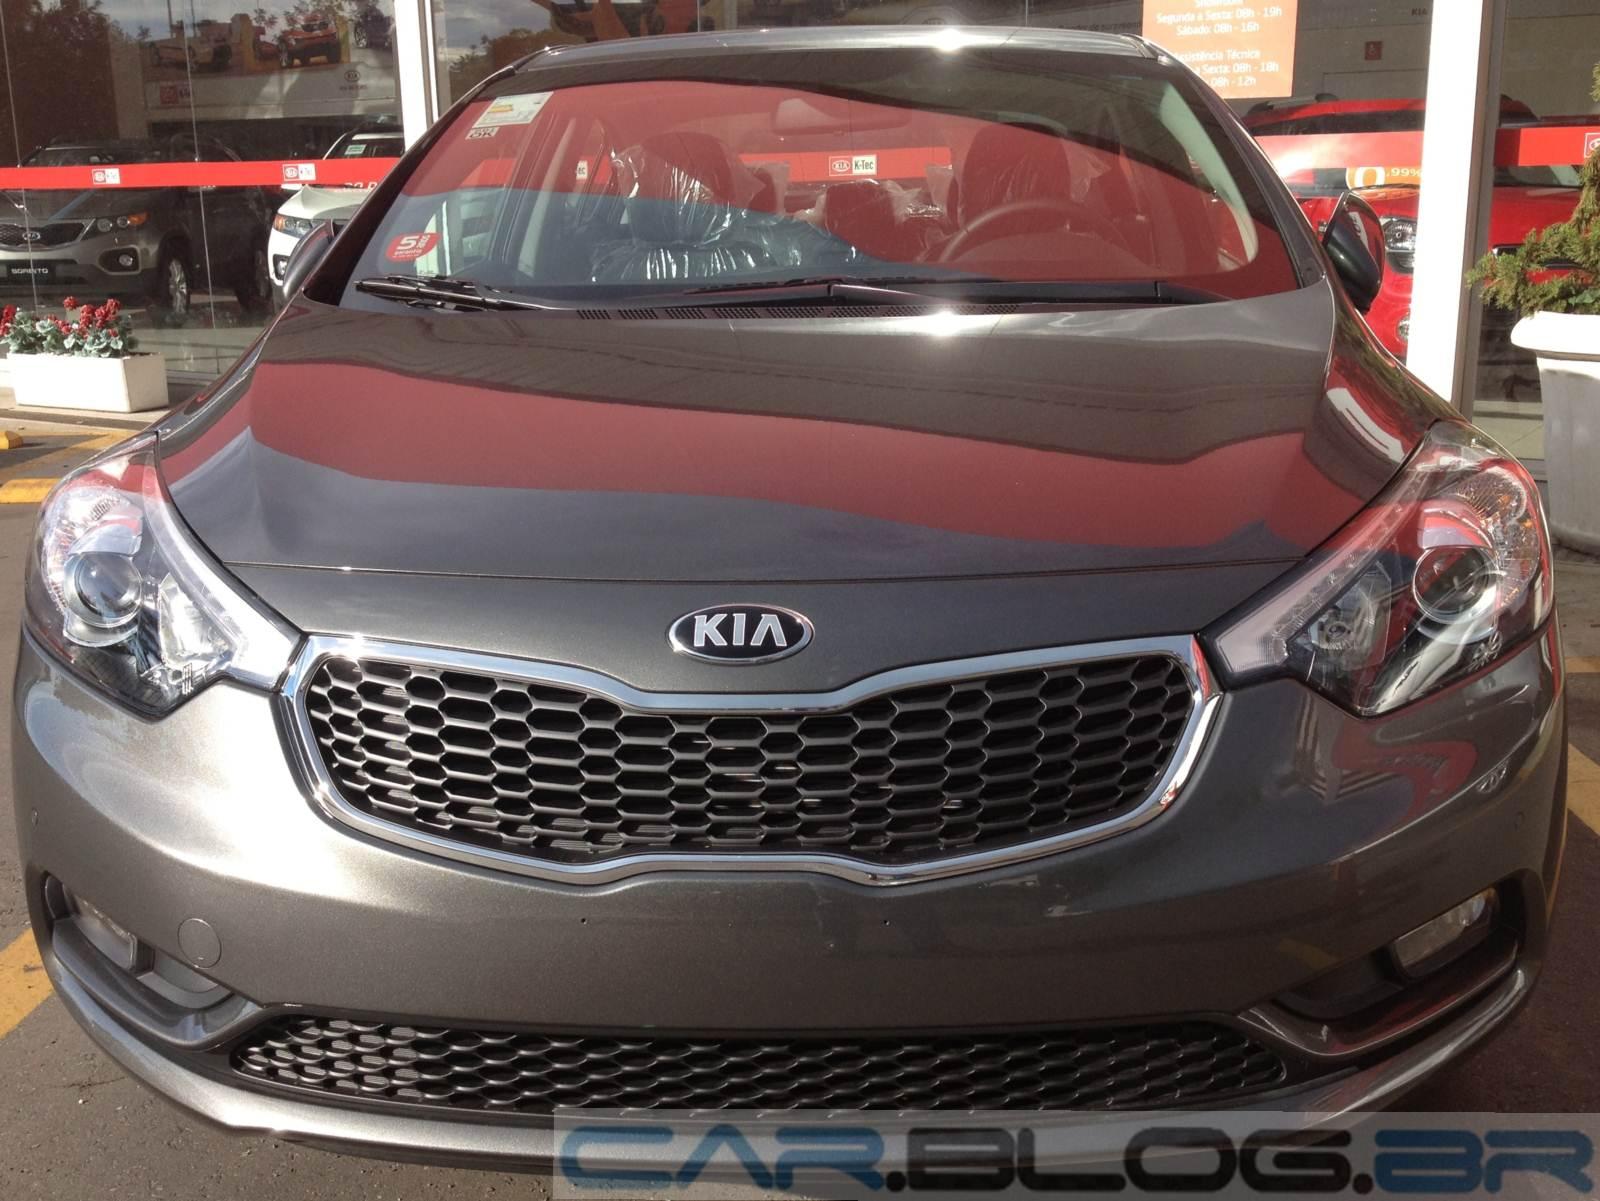 Kia do Brasil já apresentou o novo Cerato 2014 no Brasil - carro